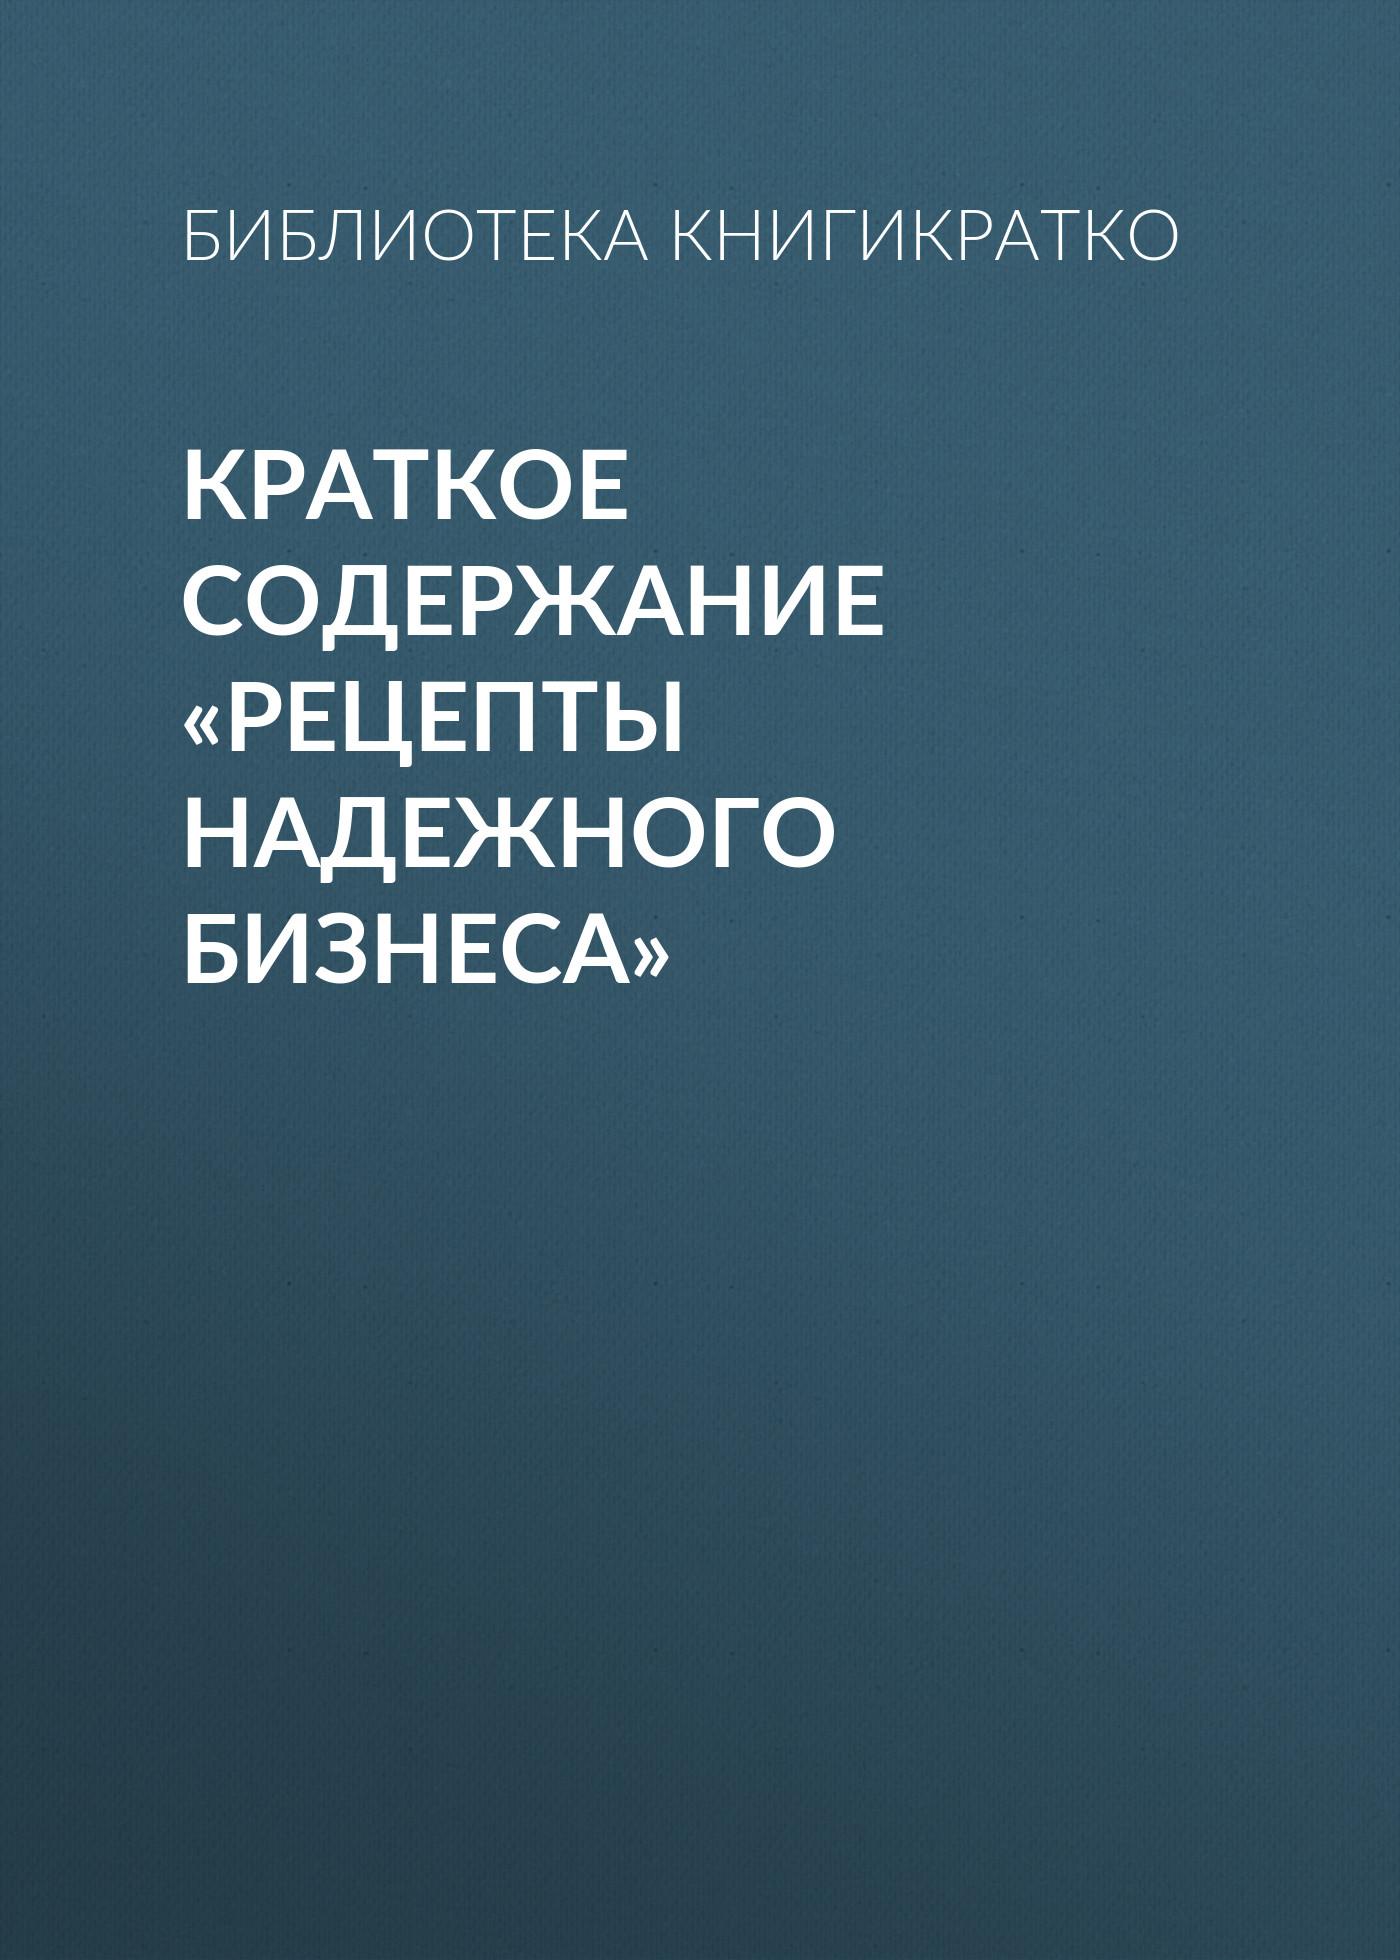 Библиотека КнигиКратко Краткое содержание «Рецепты надежного бизнеса» grovana часы grovana 4556 1158 коллекция dressline